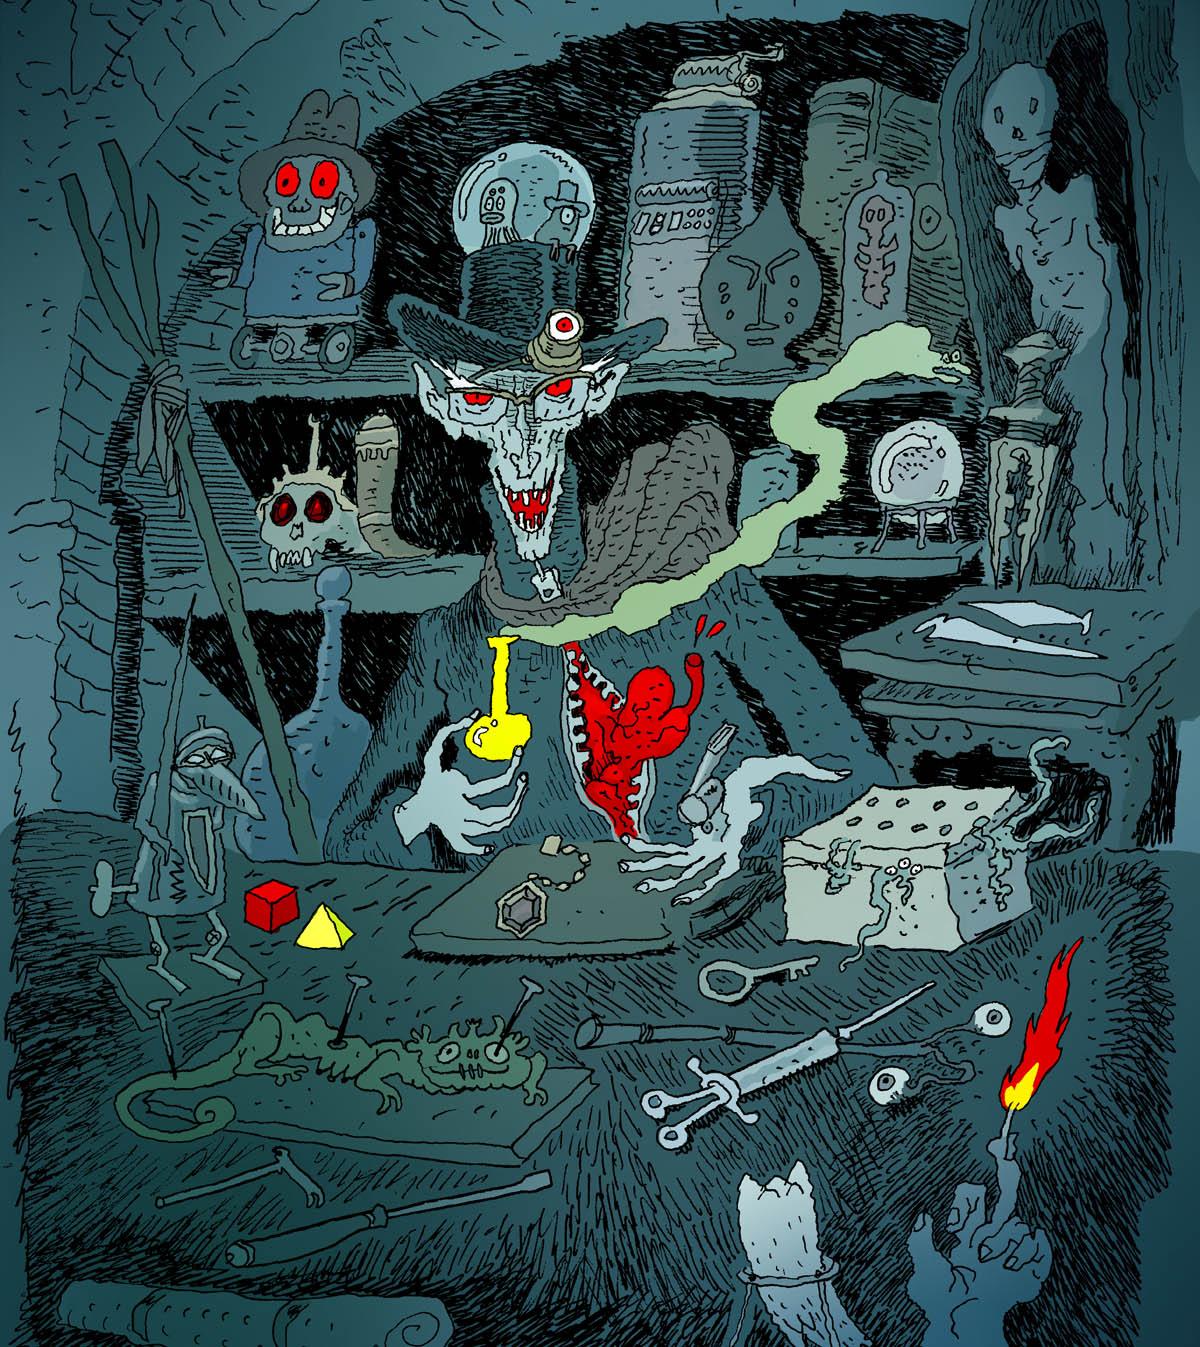 Monstres - Initiation au jeu d'Aventures, visuel © Black Book / Sfar / Bernasconi / Lhomme